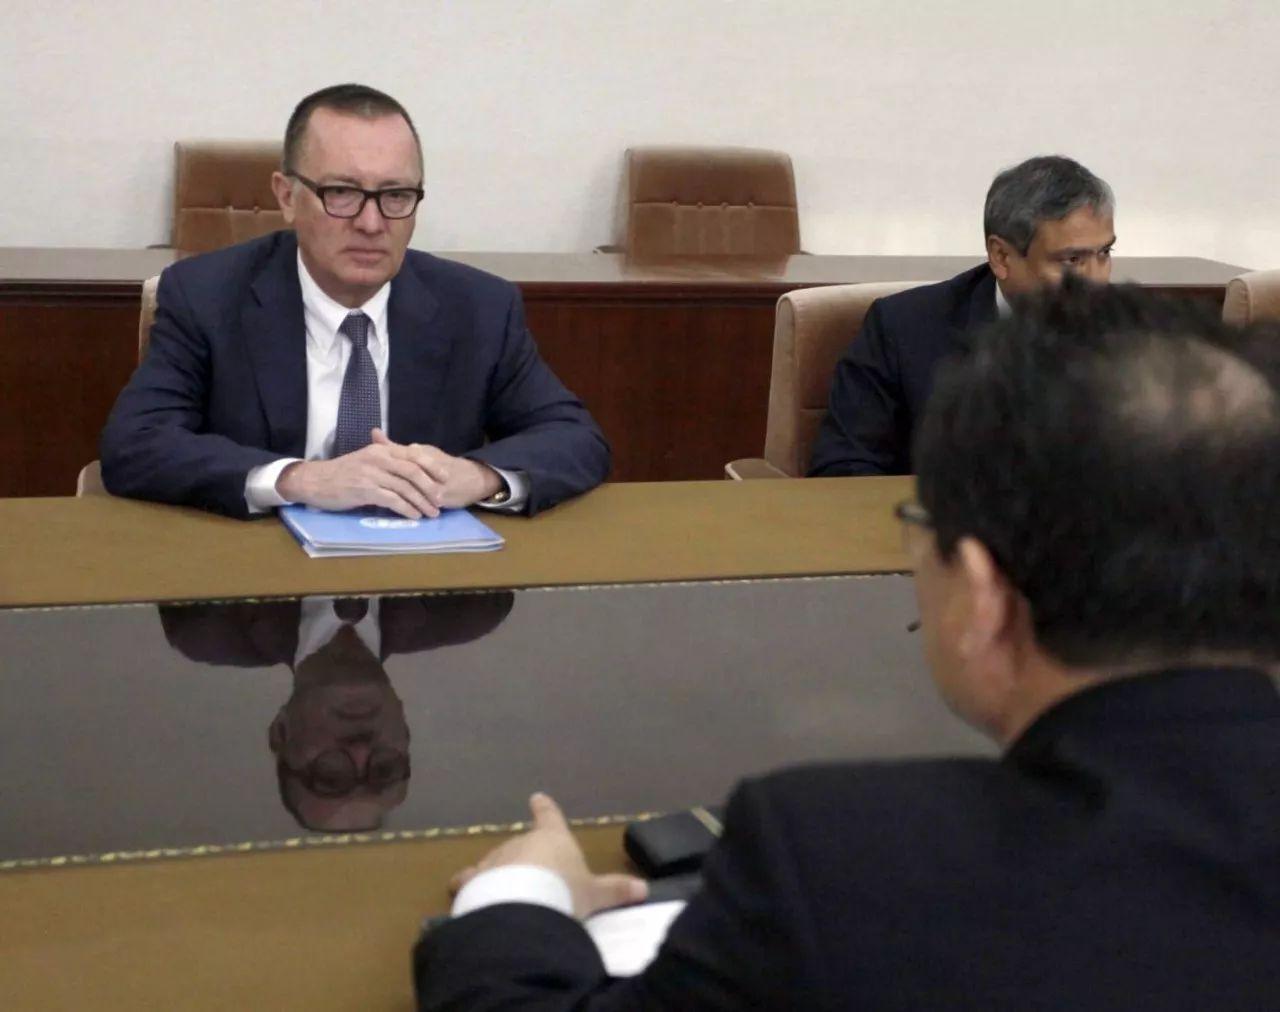 ▲联合国负责政治事务的副秘书长费尔特曼7日在平壤与朝鲜外务相李勇浩举行了会谈。(美联社)